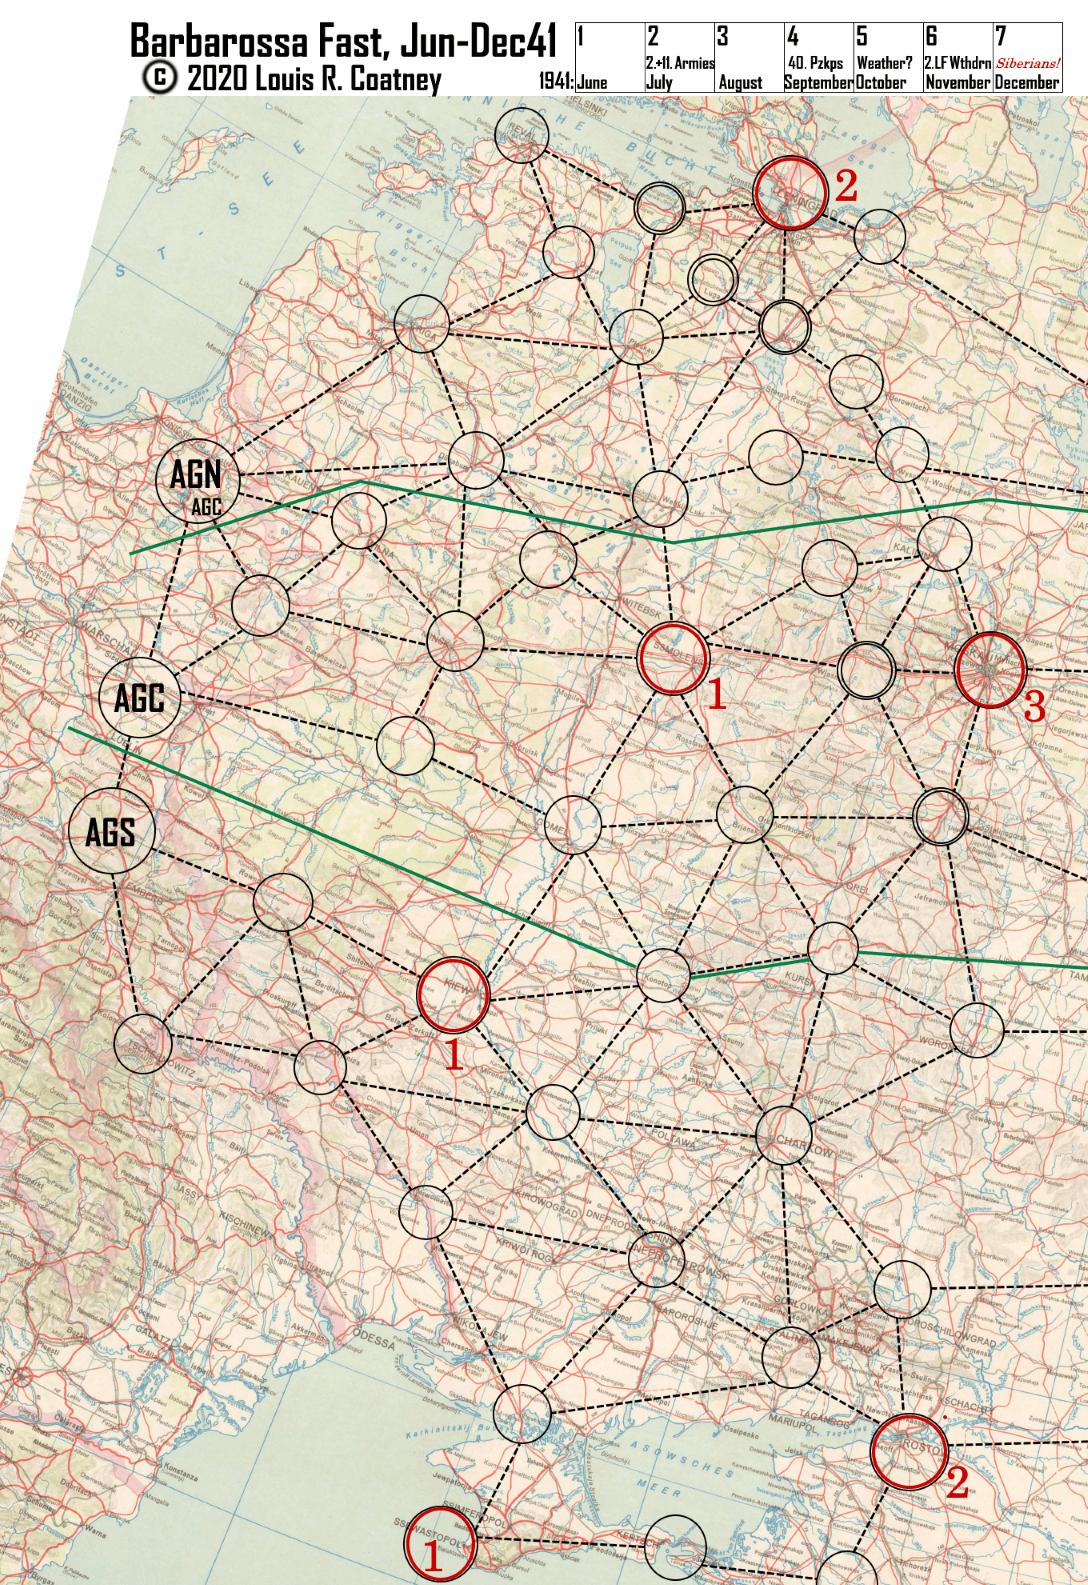 Barbarossa Fast, Jun-Dec41